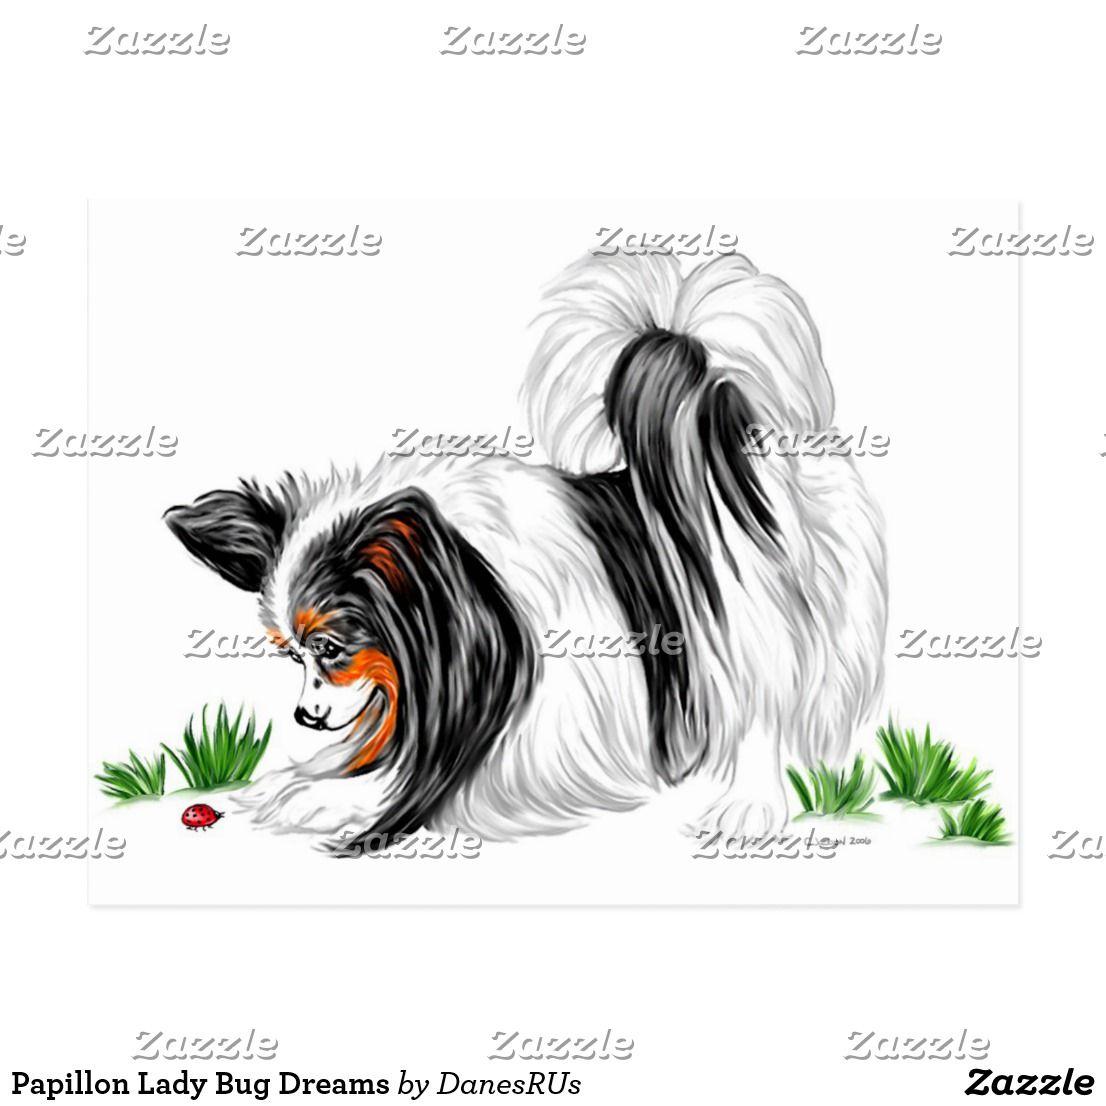 Papillon Lady Bug Dreams Postcard Zazzle Com In 2021 Papillon Dog Papillion Dog Papillon [ 1106 x 1106 Pixel ]